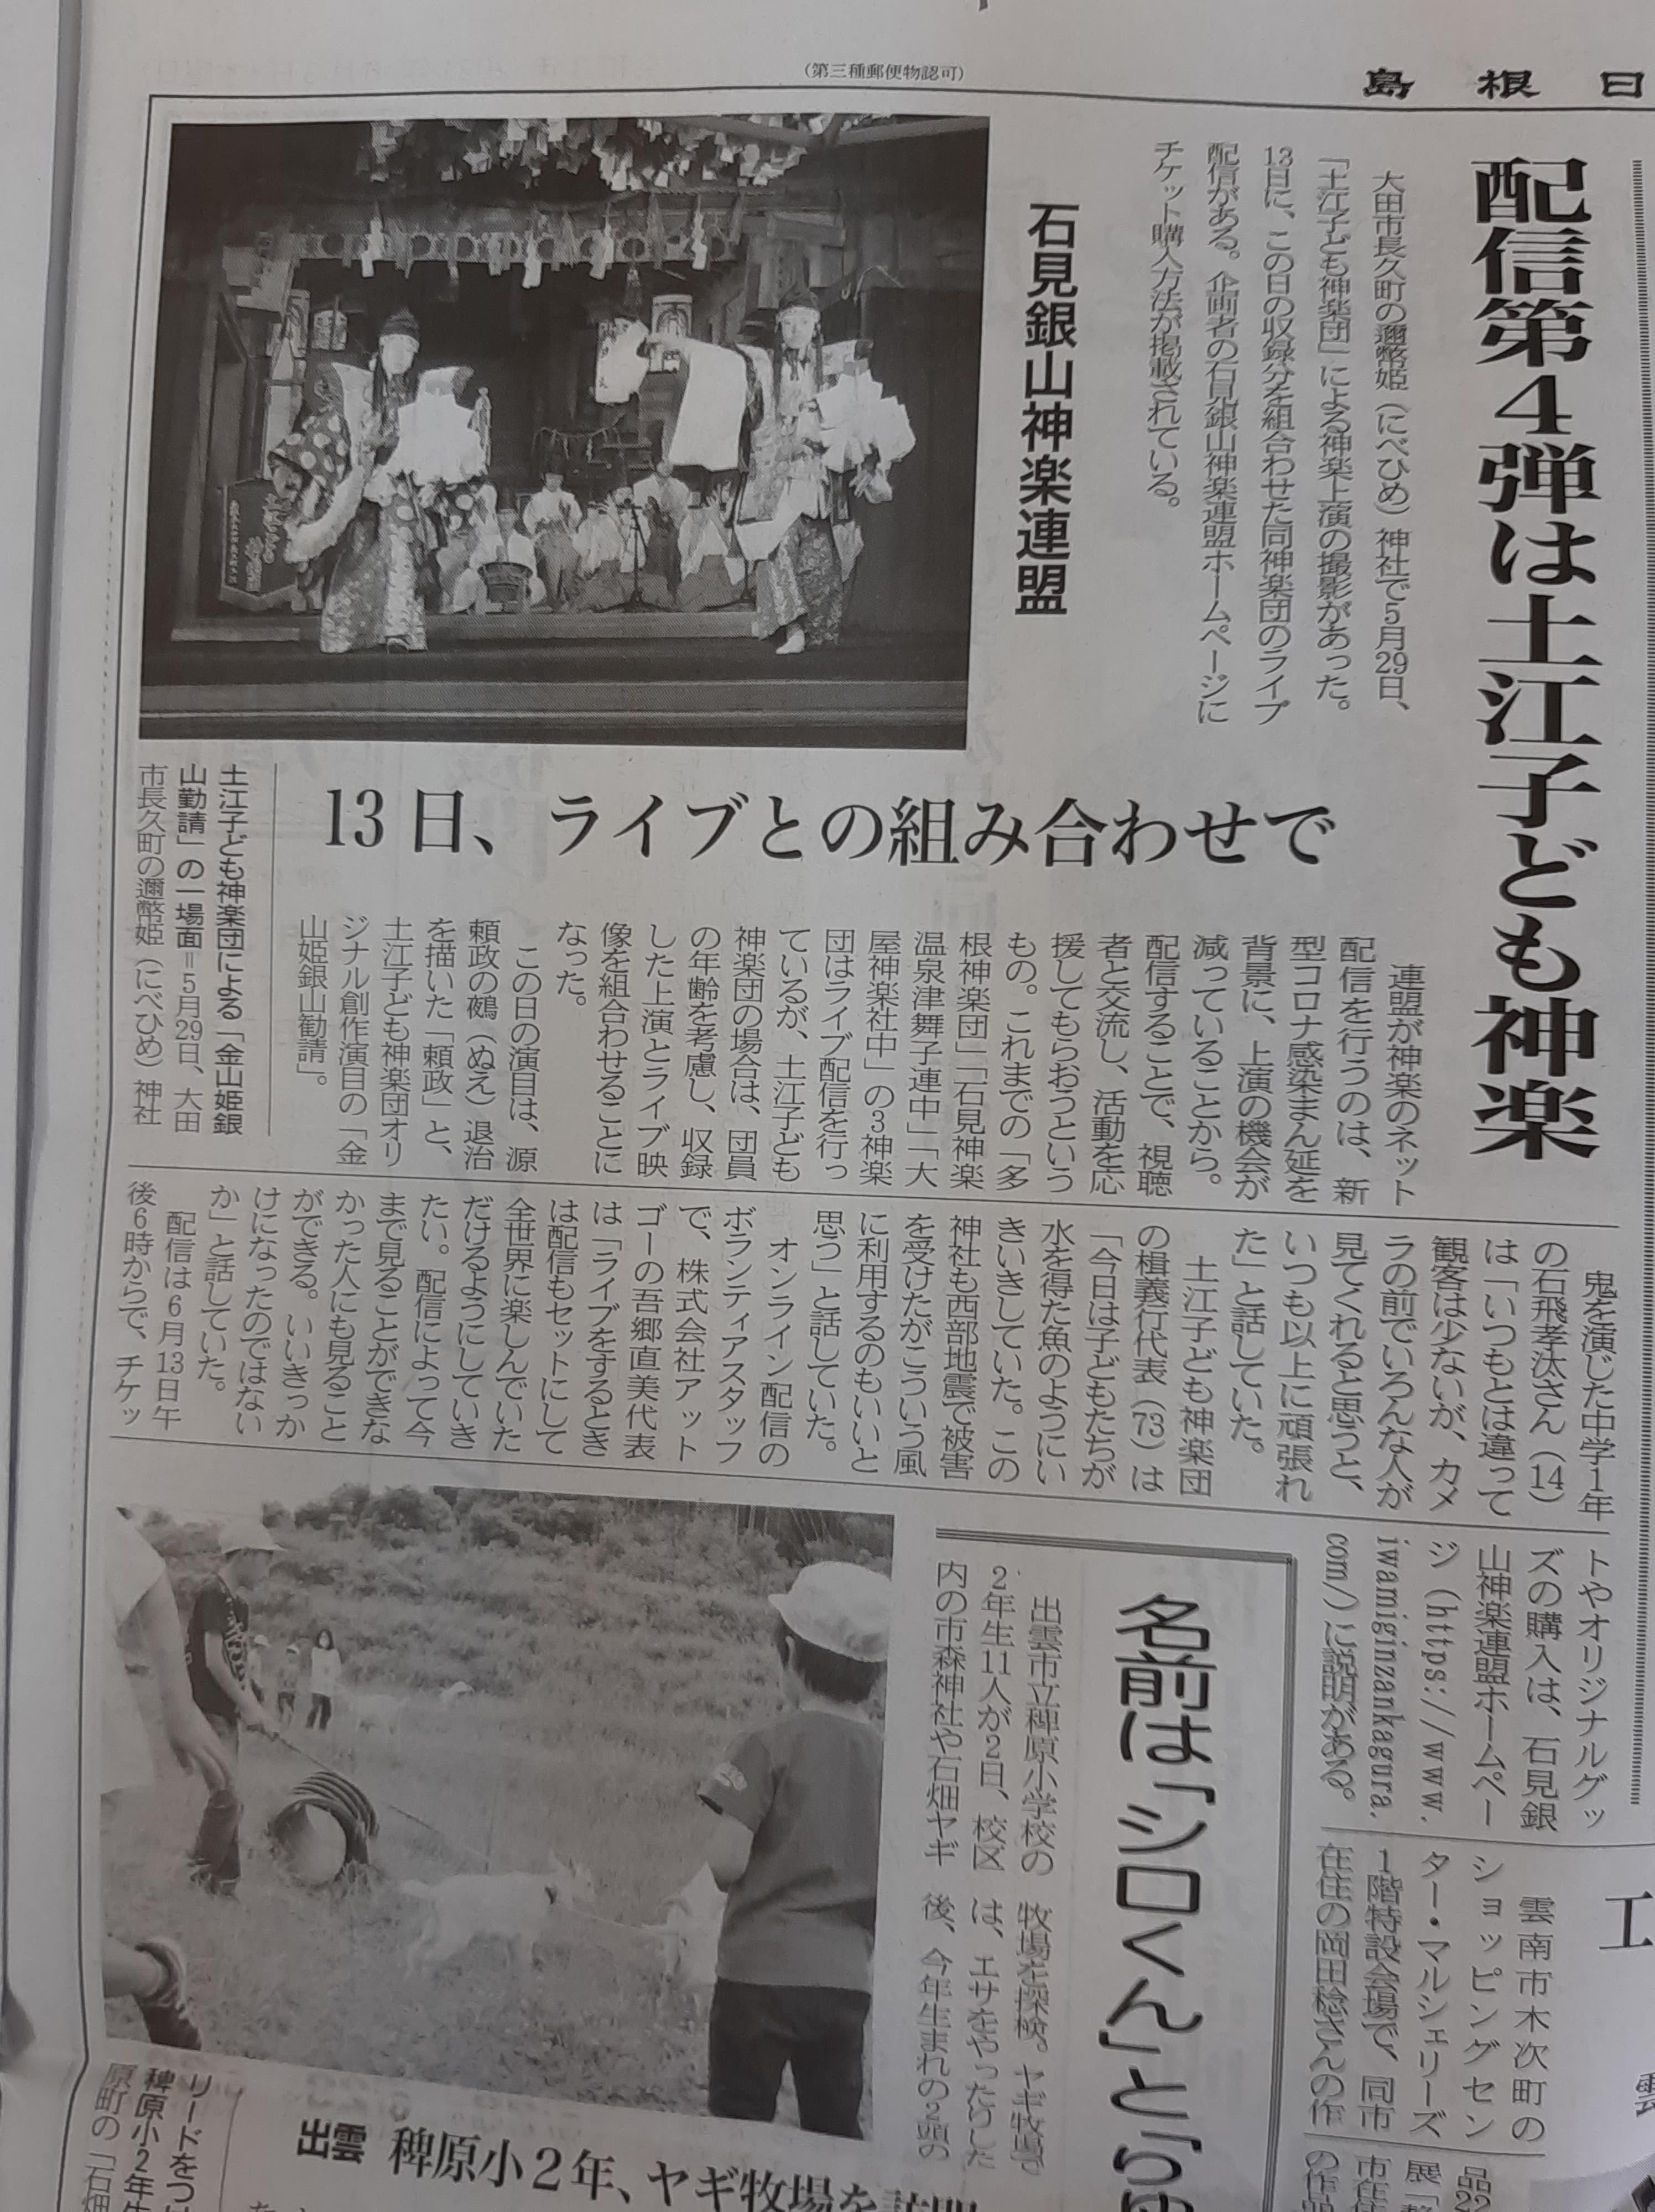 【新聞掲載】土江子ども神楽団 オンライン神楽配信の準備風景2021/5/29